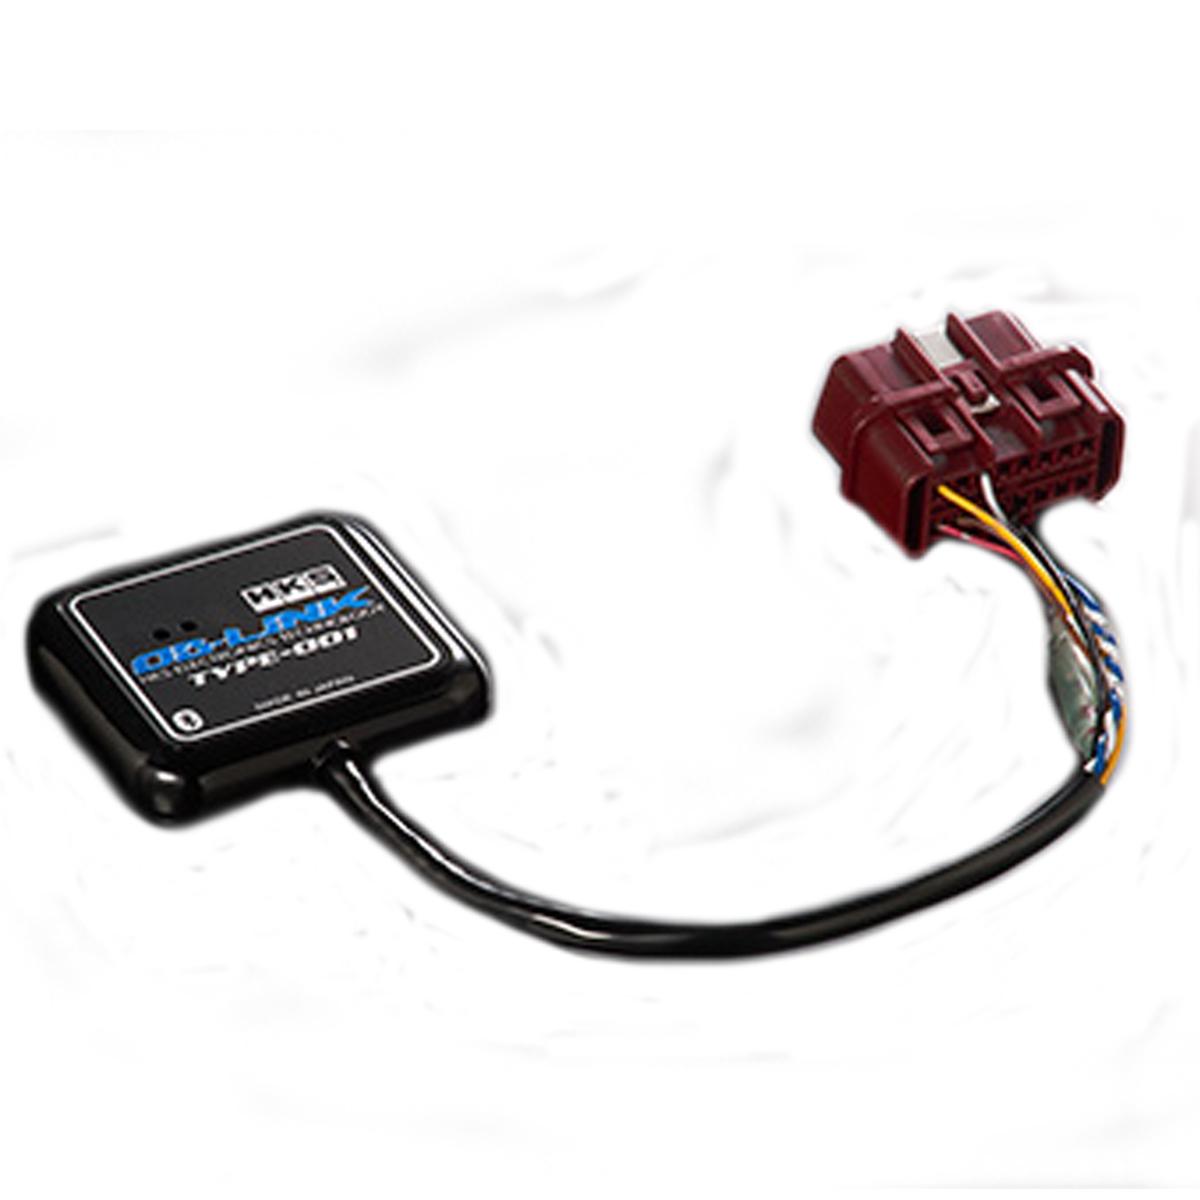 レクサス モニター OBリンク タイプ 001 ANF10 HKS 44009-AK002 エレクトリニクス